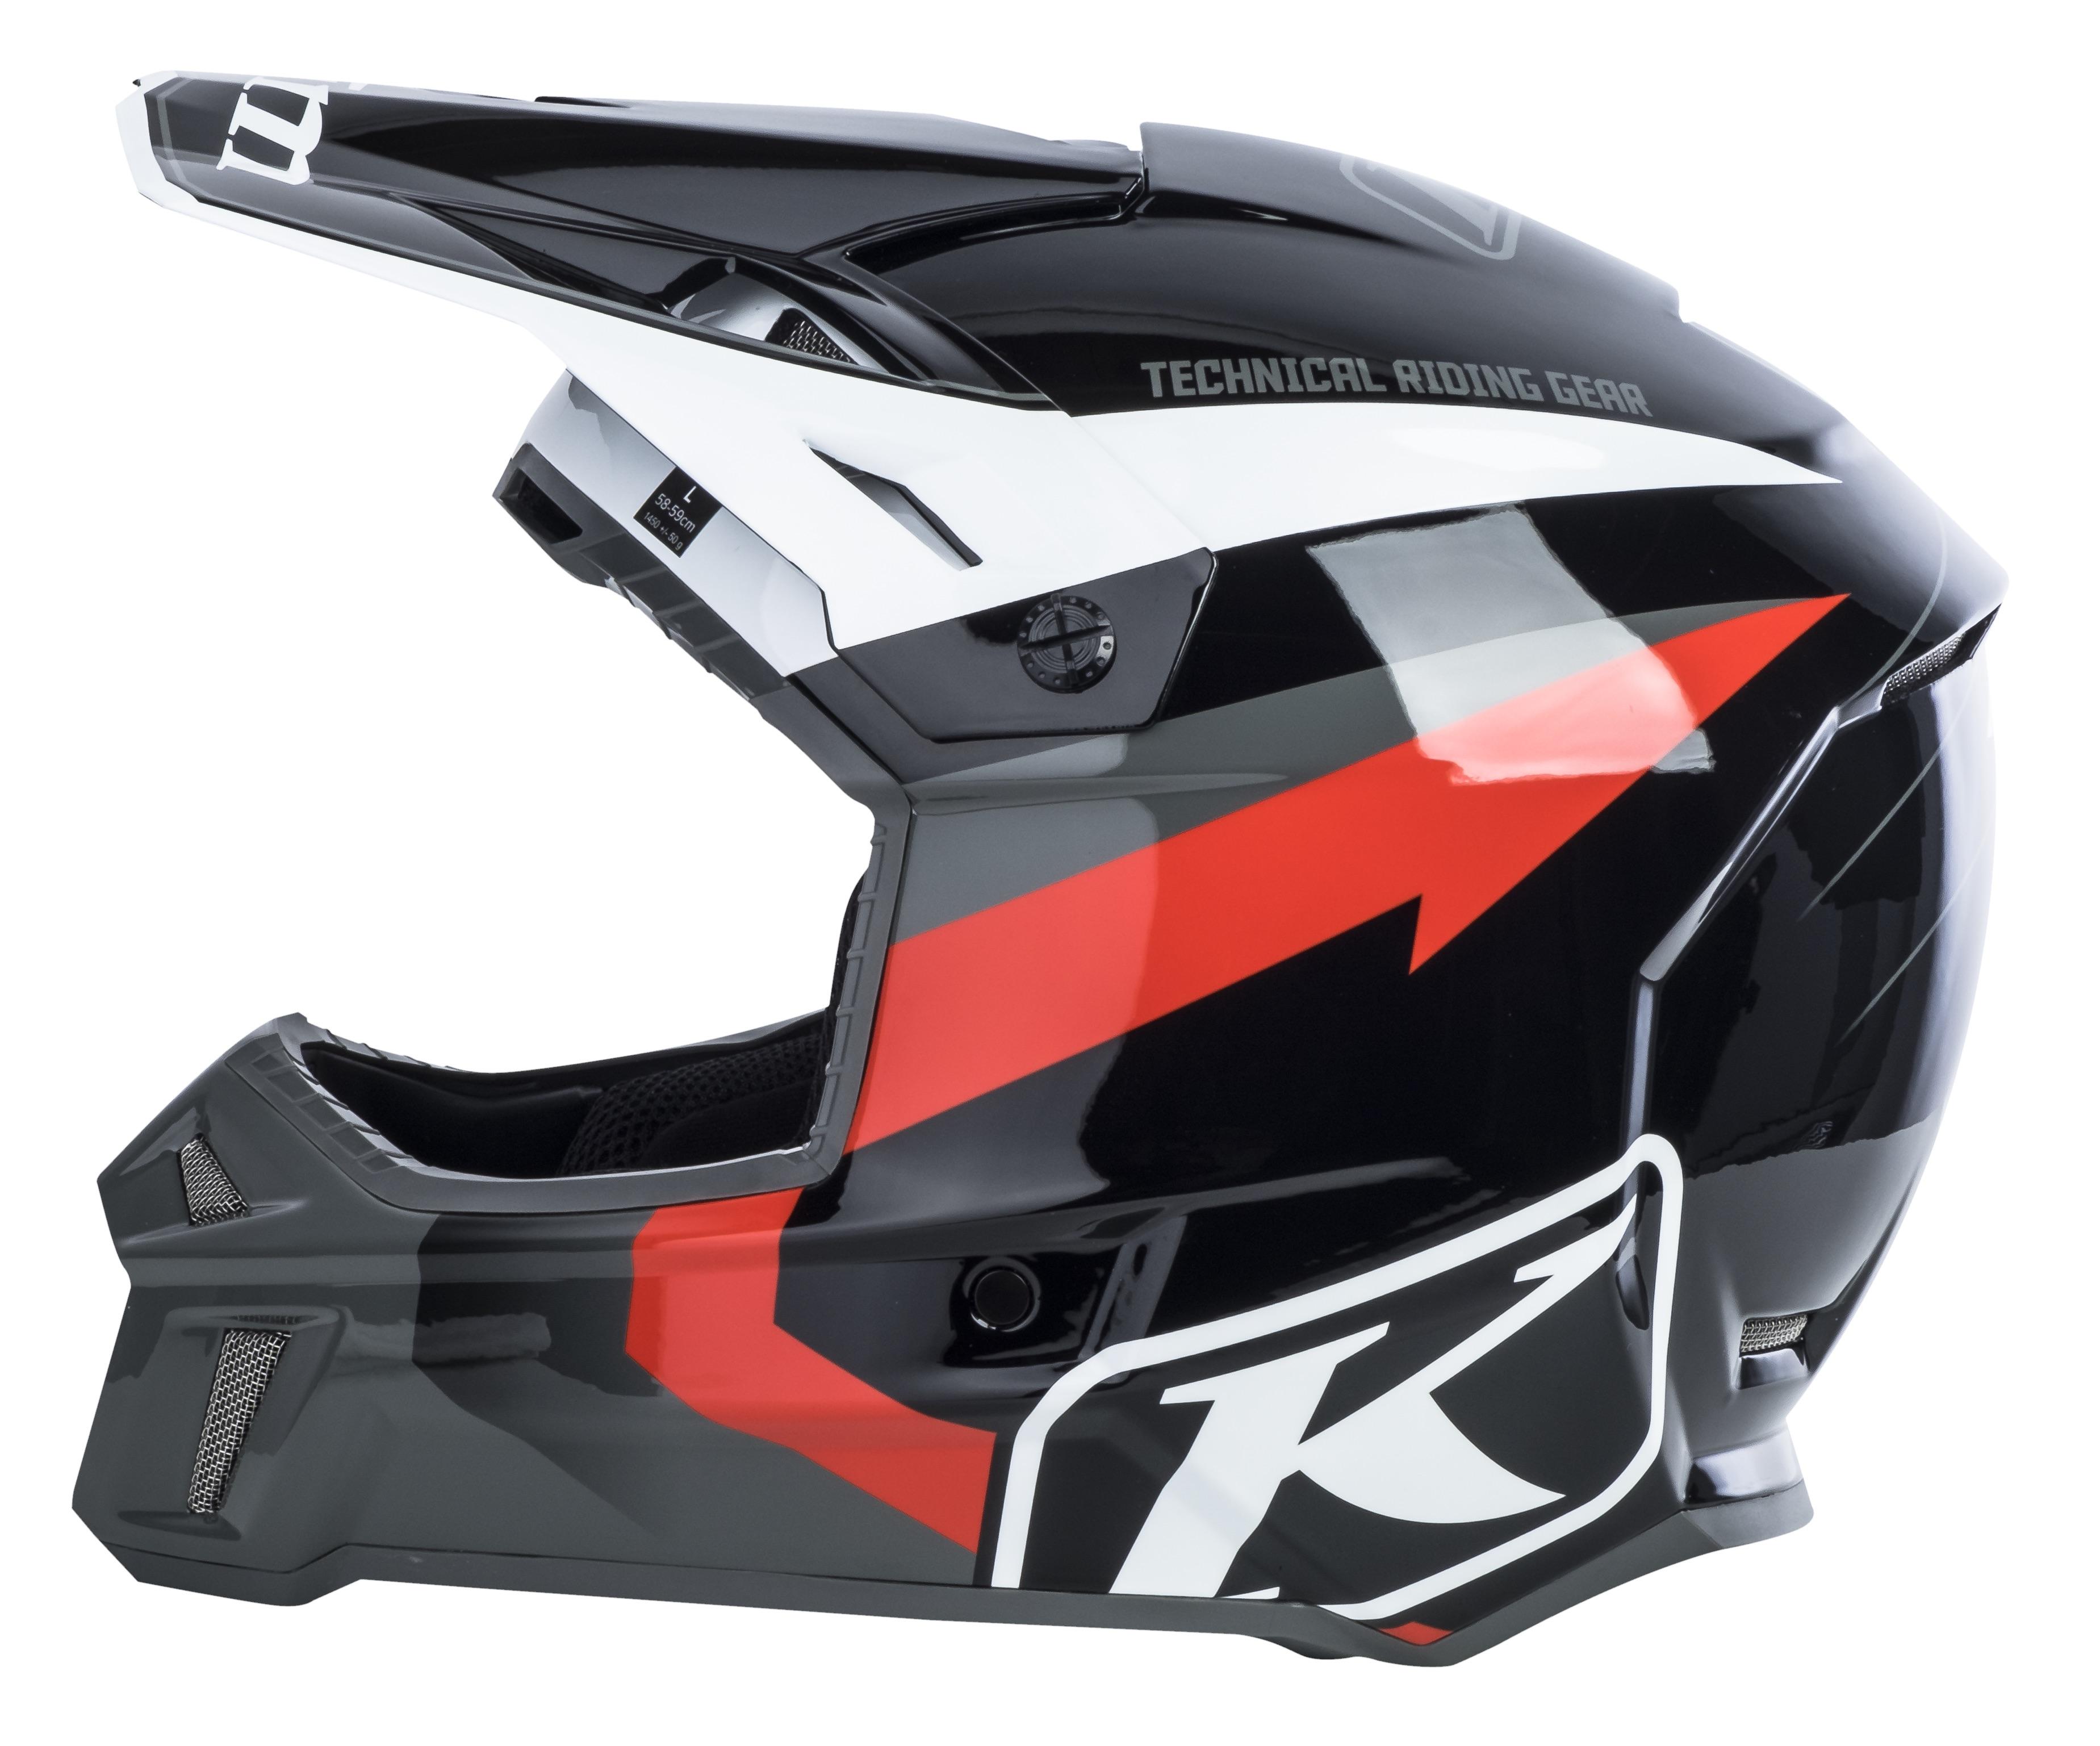 f3-helmet-3110-000_red-lightning_03